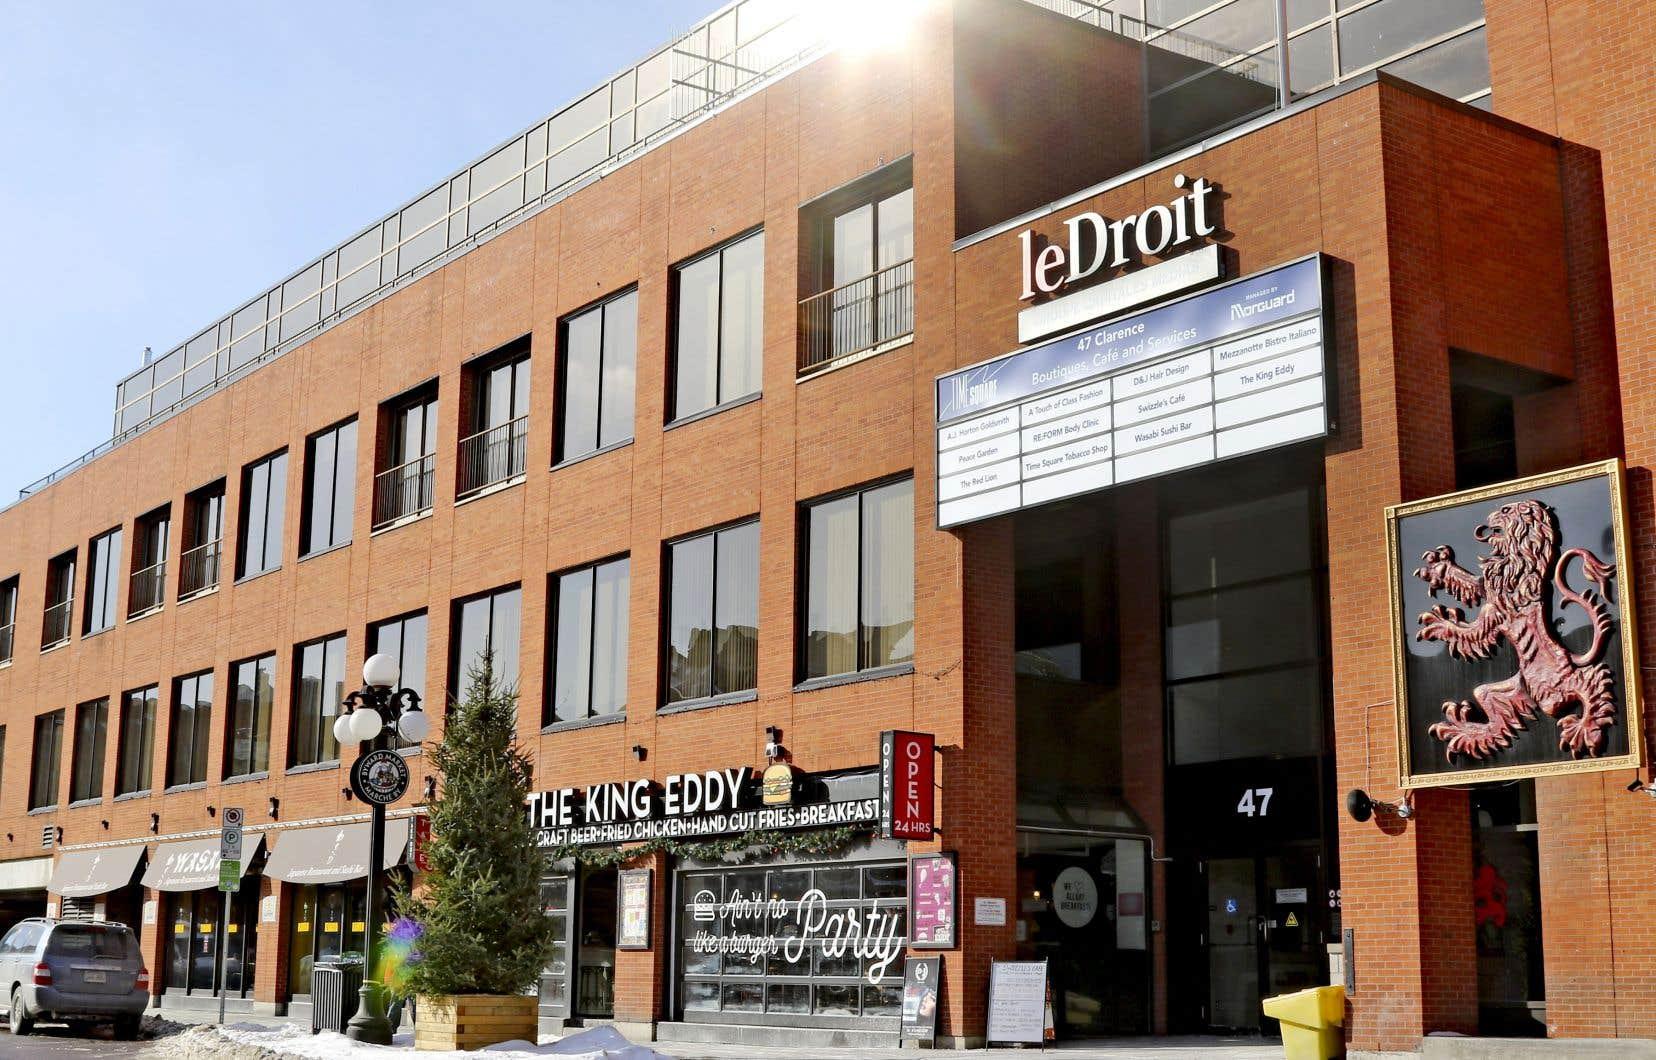 «Le Droit», estime qu'il fera des économies «appréciables» en quittant le très central Marché By d'Ottawa pour de futurs bureaux gatinois.